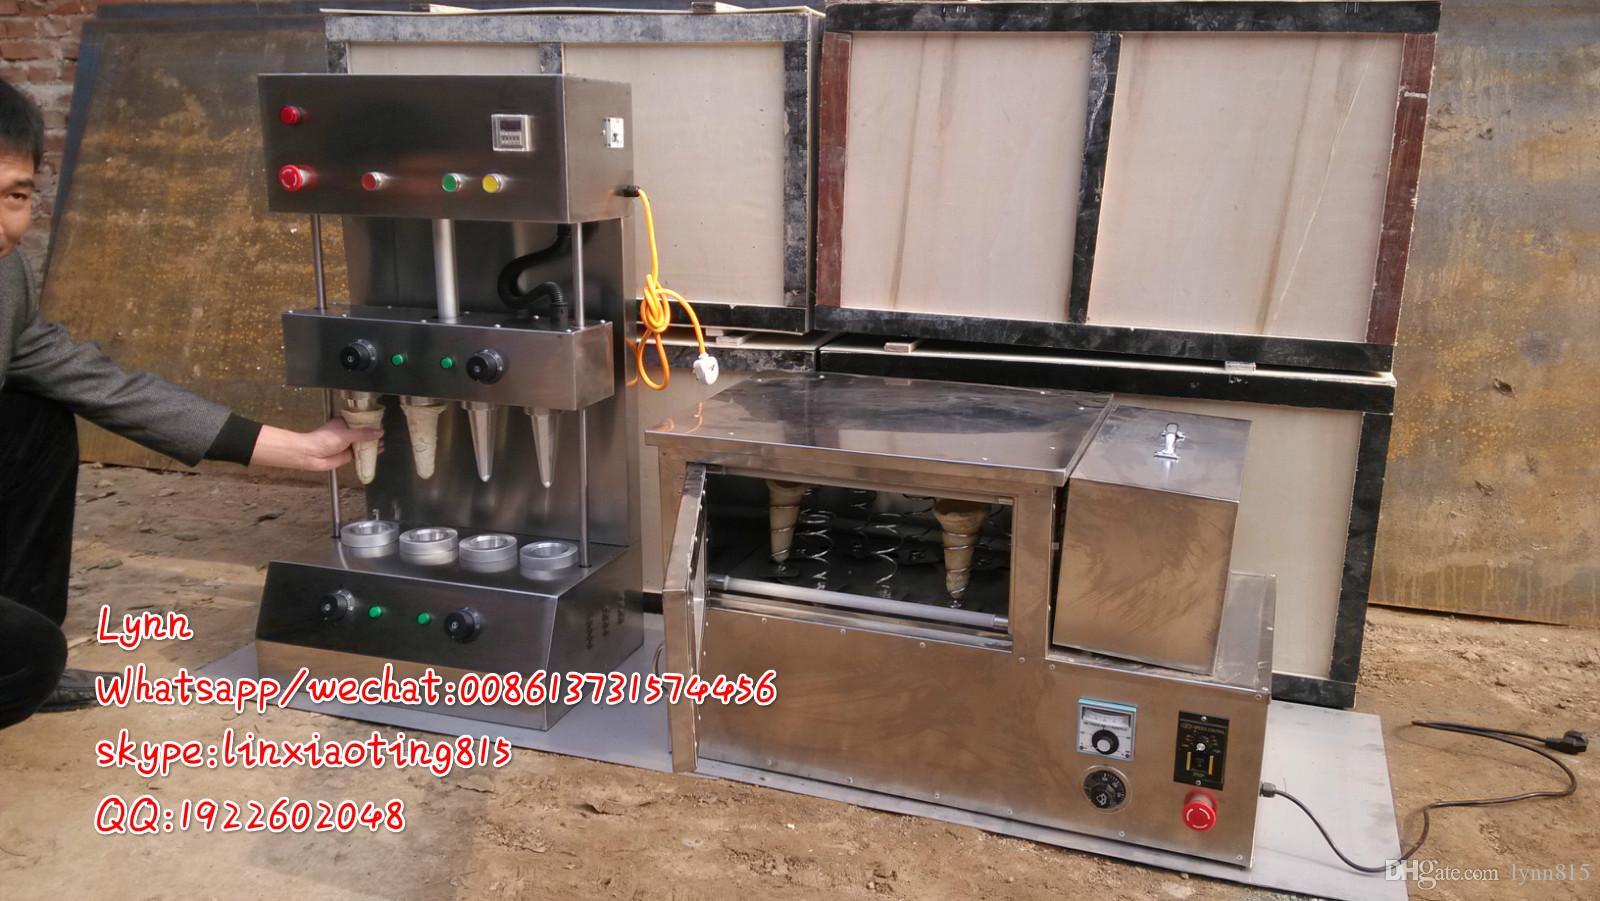 2015 Yeni Tasarım Sıcak Satış Kaliteli Paslanmaz Çelik Elektrikli Otomatik 4 Koni Pizza Yapma Makinesi ve Döner Pizza Fırın Makinesi